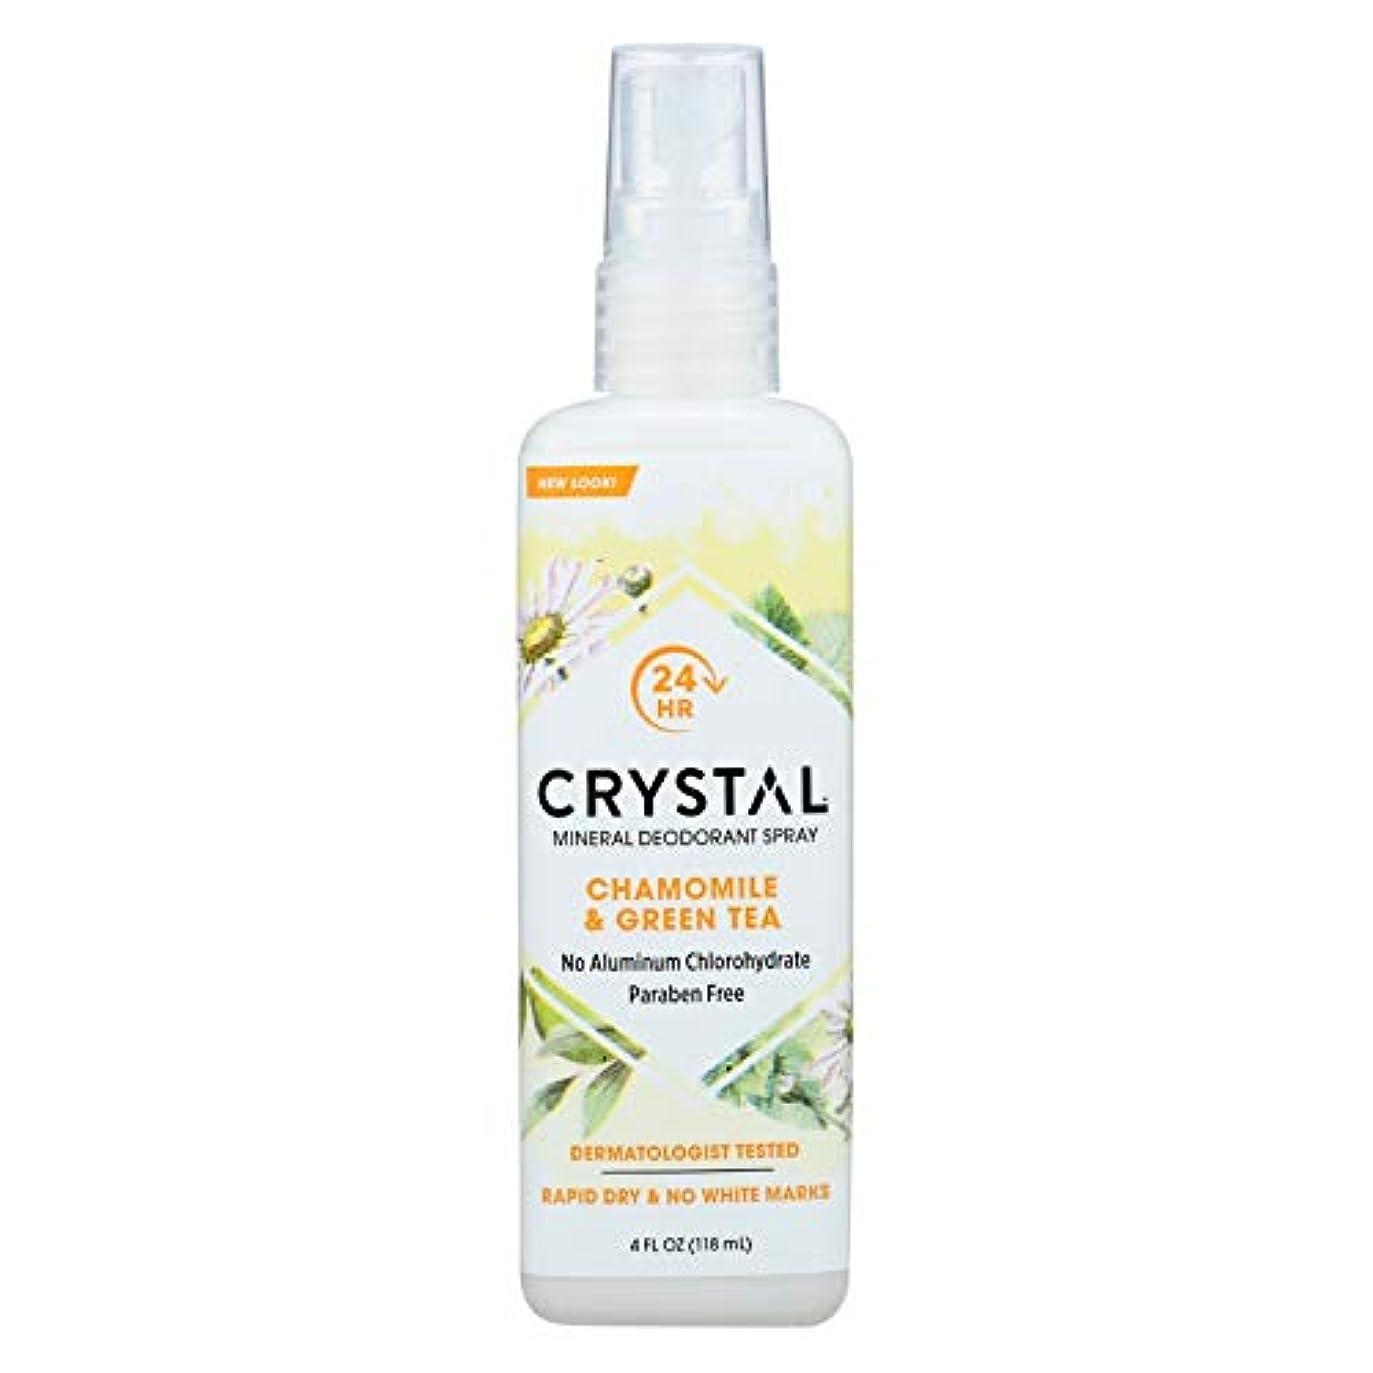 ドアミラー助けてスカイCrystal Body Deodorant - 水晶本質のフランスの運輸Chamomile及び緑茶によるミネラル防臭剤ボディスプレー - 4ポンド